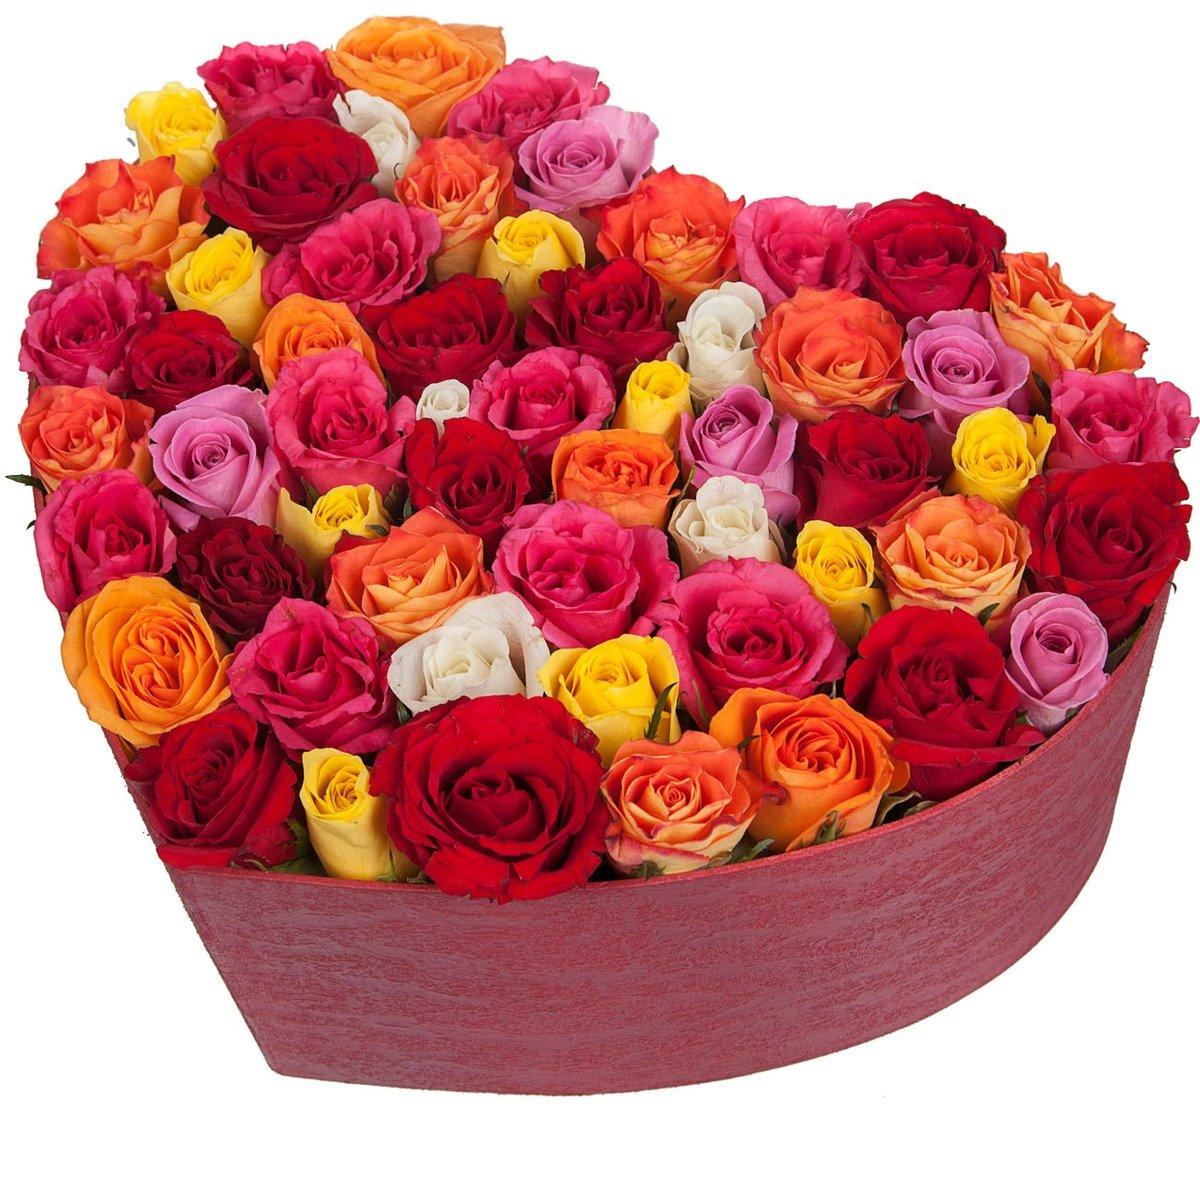 Композиция  из 61 разноцветной розы в коробочке в форме сердца  «Страстные сердца »